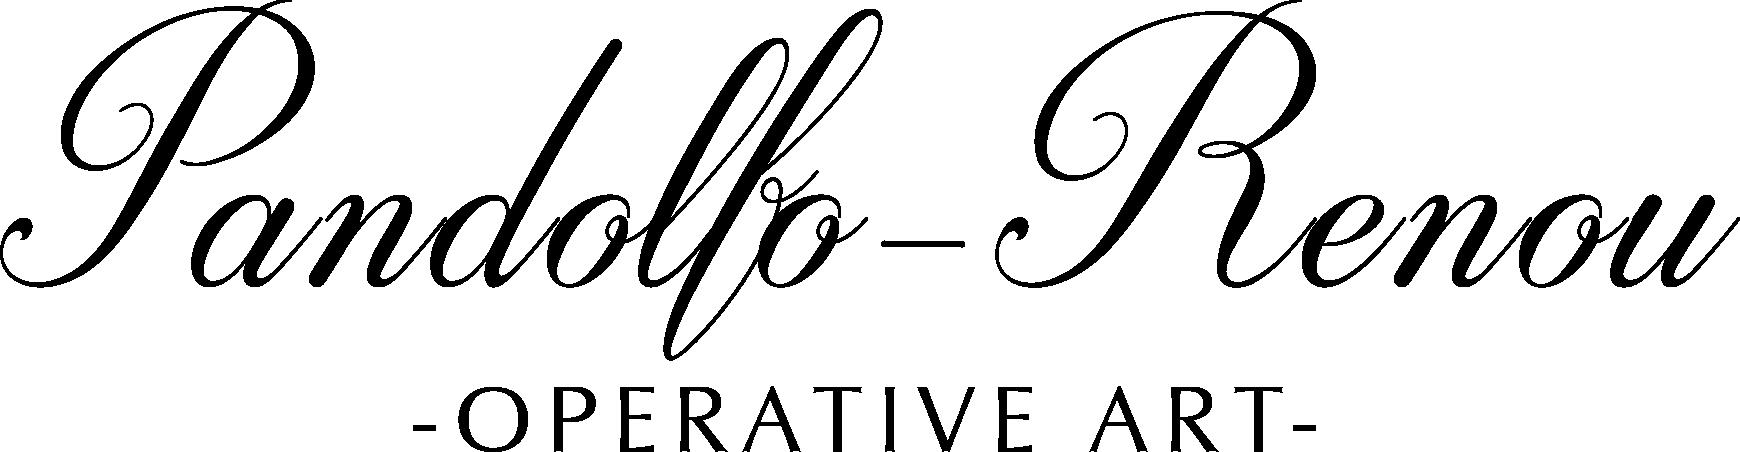 Pandolfo-Renou